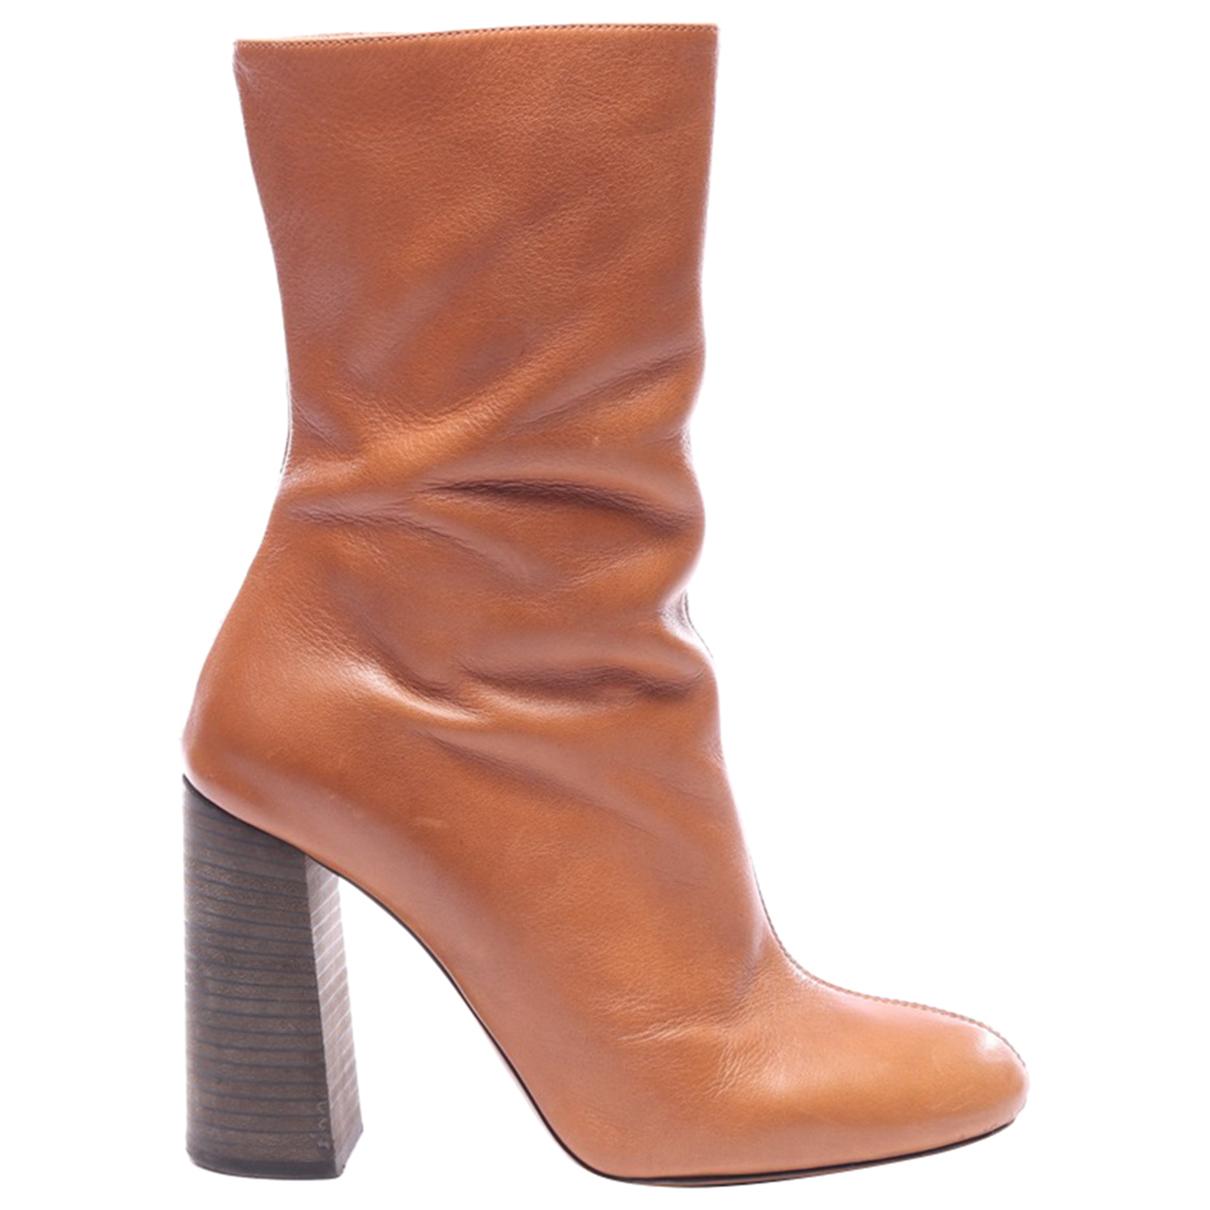 Chloe - Boots   pour femme en cuir - marron